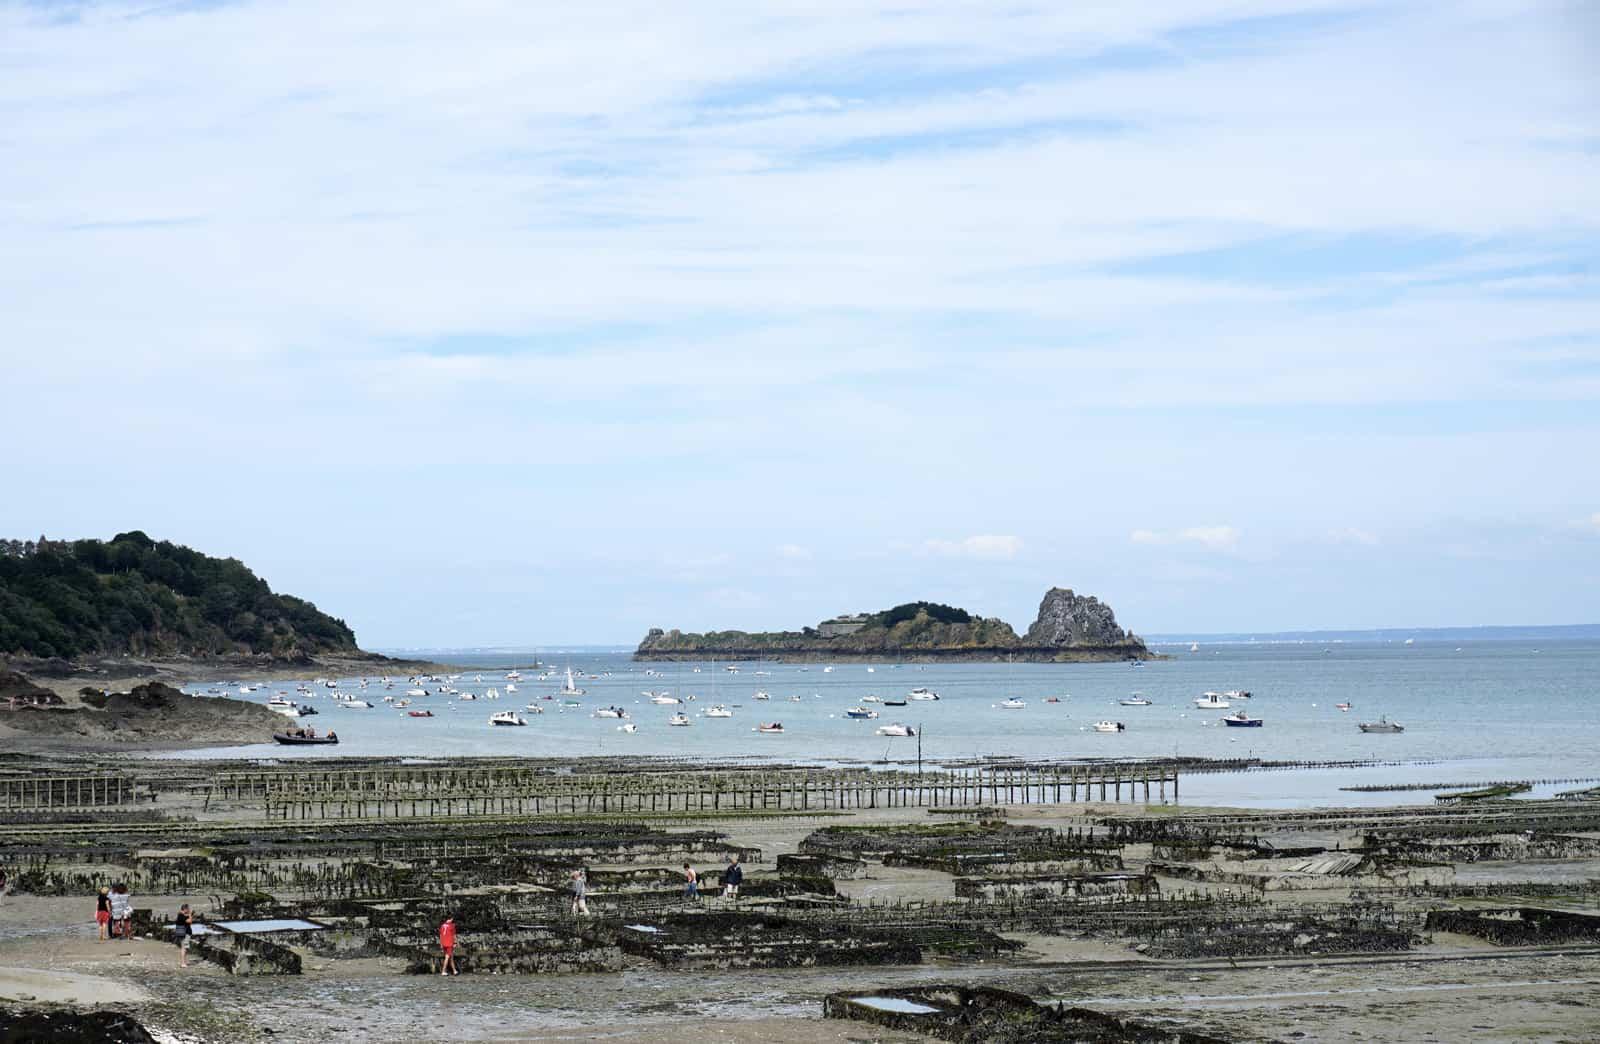 Le port de Cancale à marée basse et les parcs à huîtres